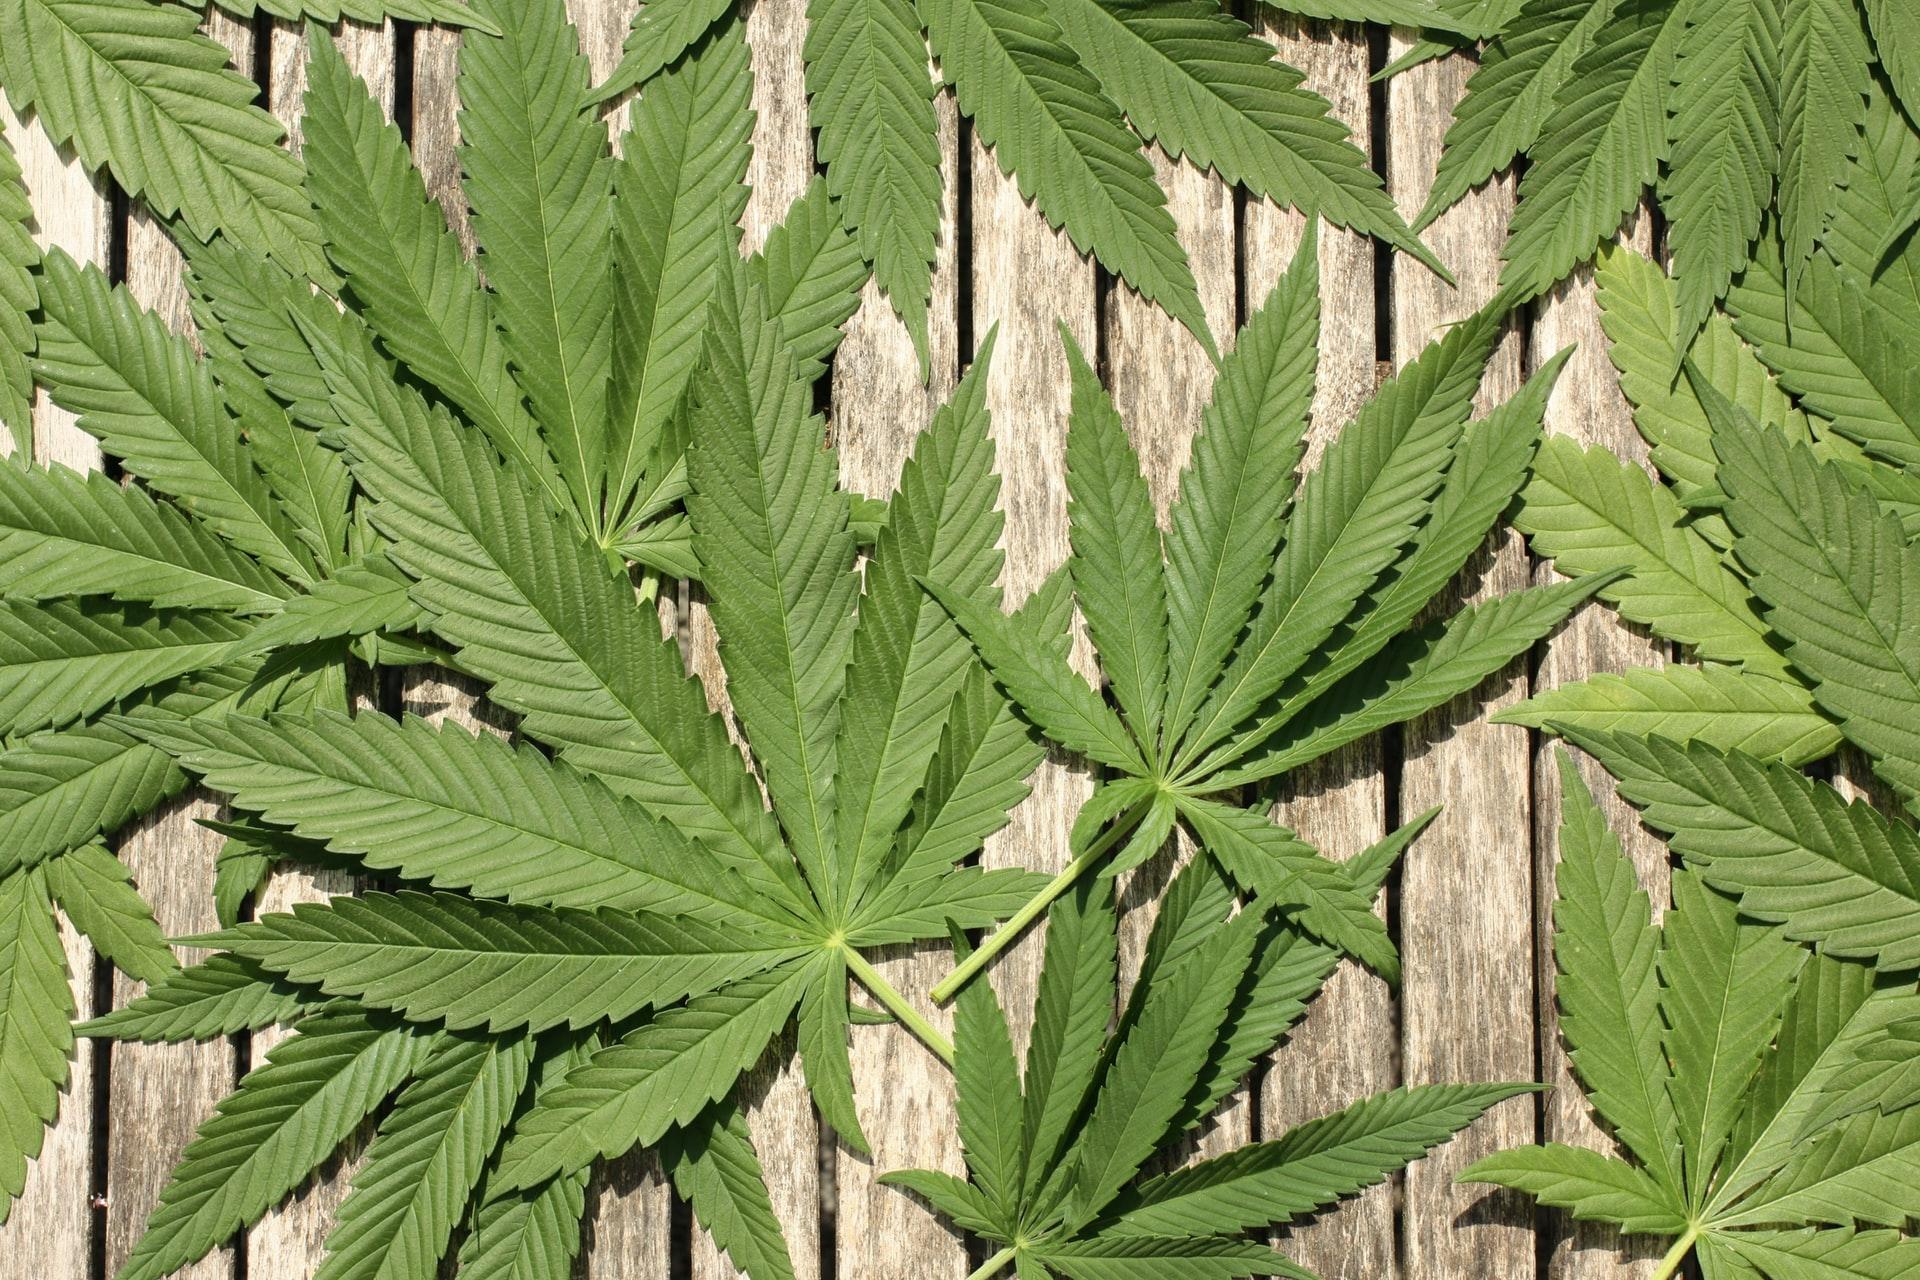 Nación Cannabis | 5 estigmas sobre el cannabis que le pesan a la industria